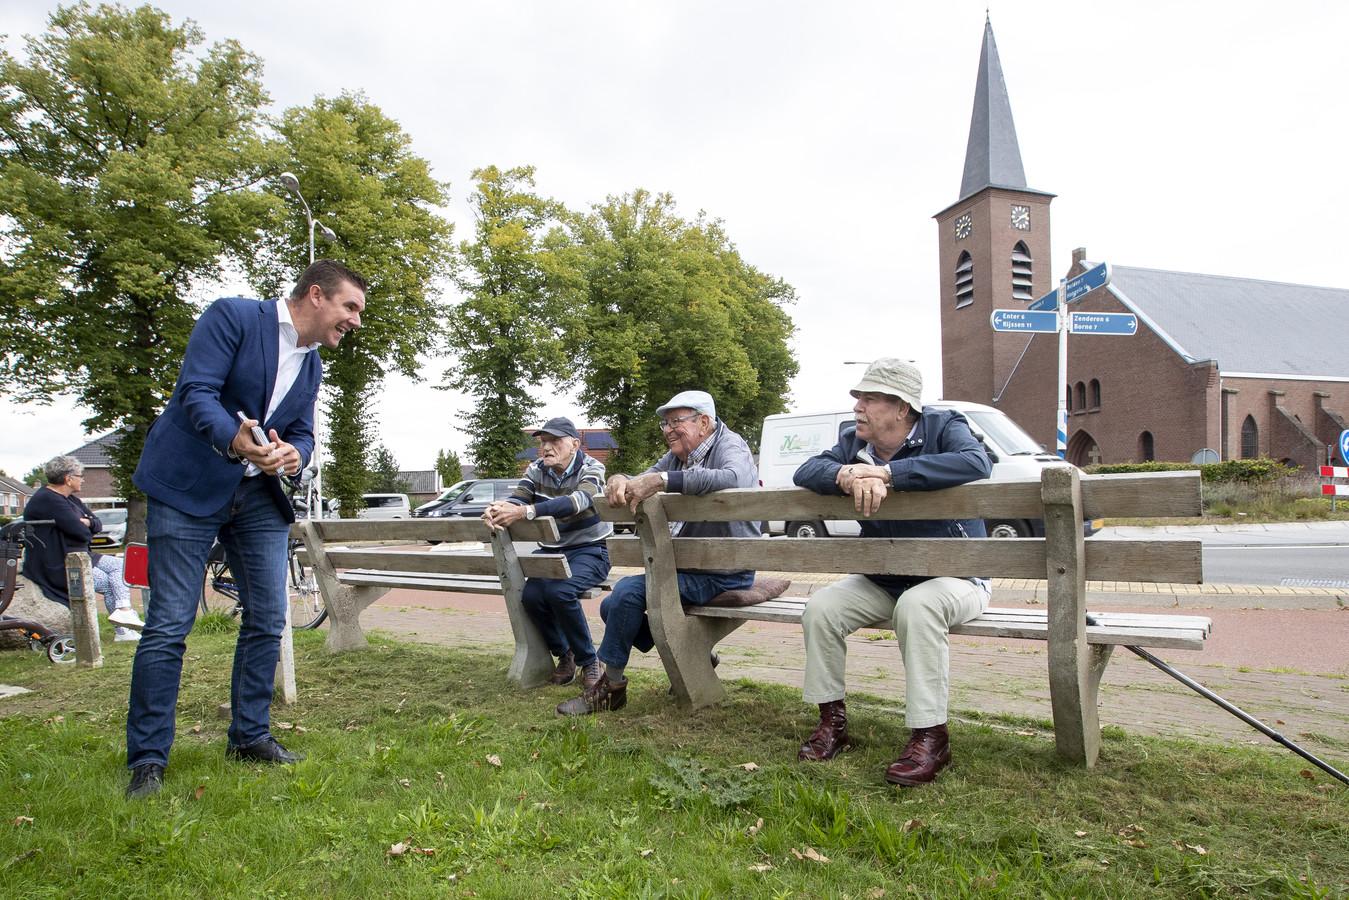 Aanbieden Seniorenboekje Bornerbroek. vlnr Wethouder Van Mierlo, Herman Extercate, Joopm van Rijn en Wim Peeze.